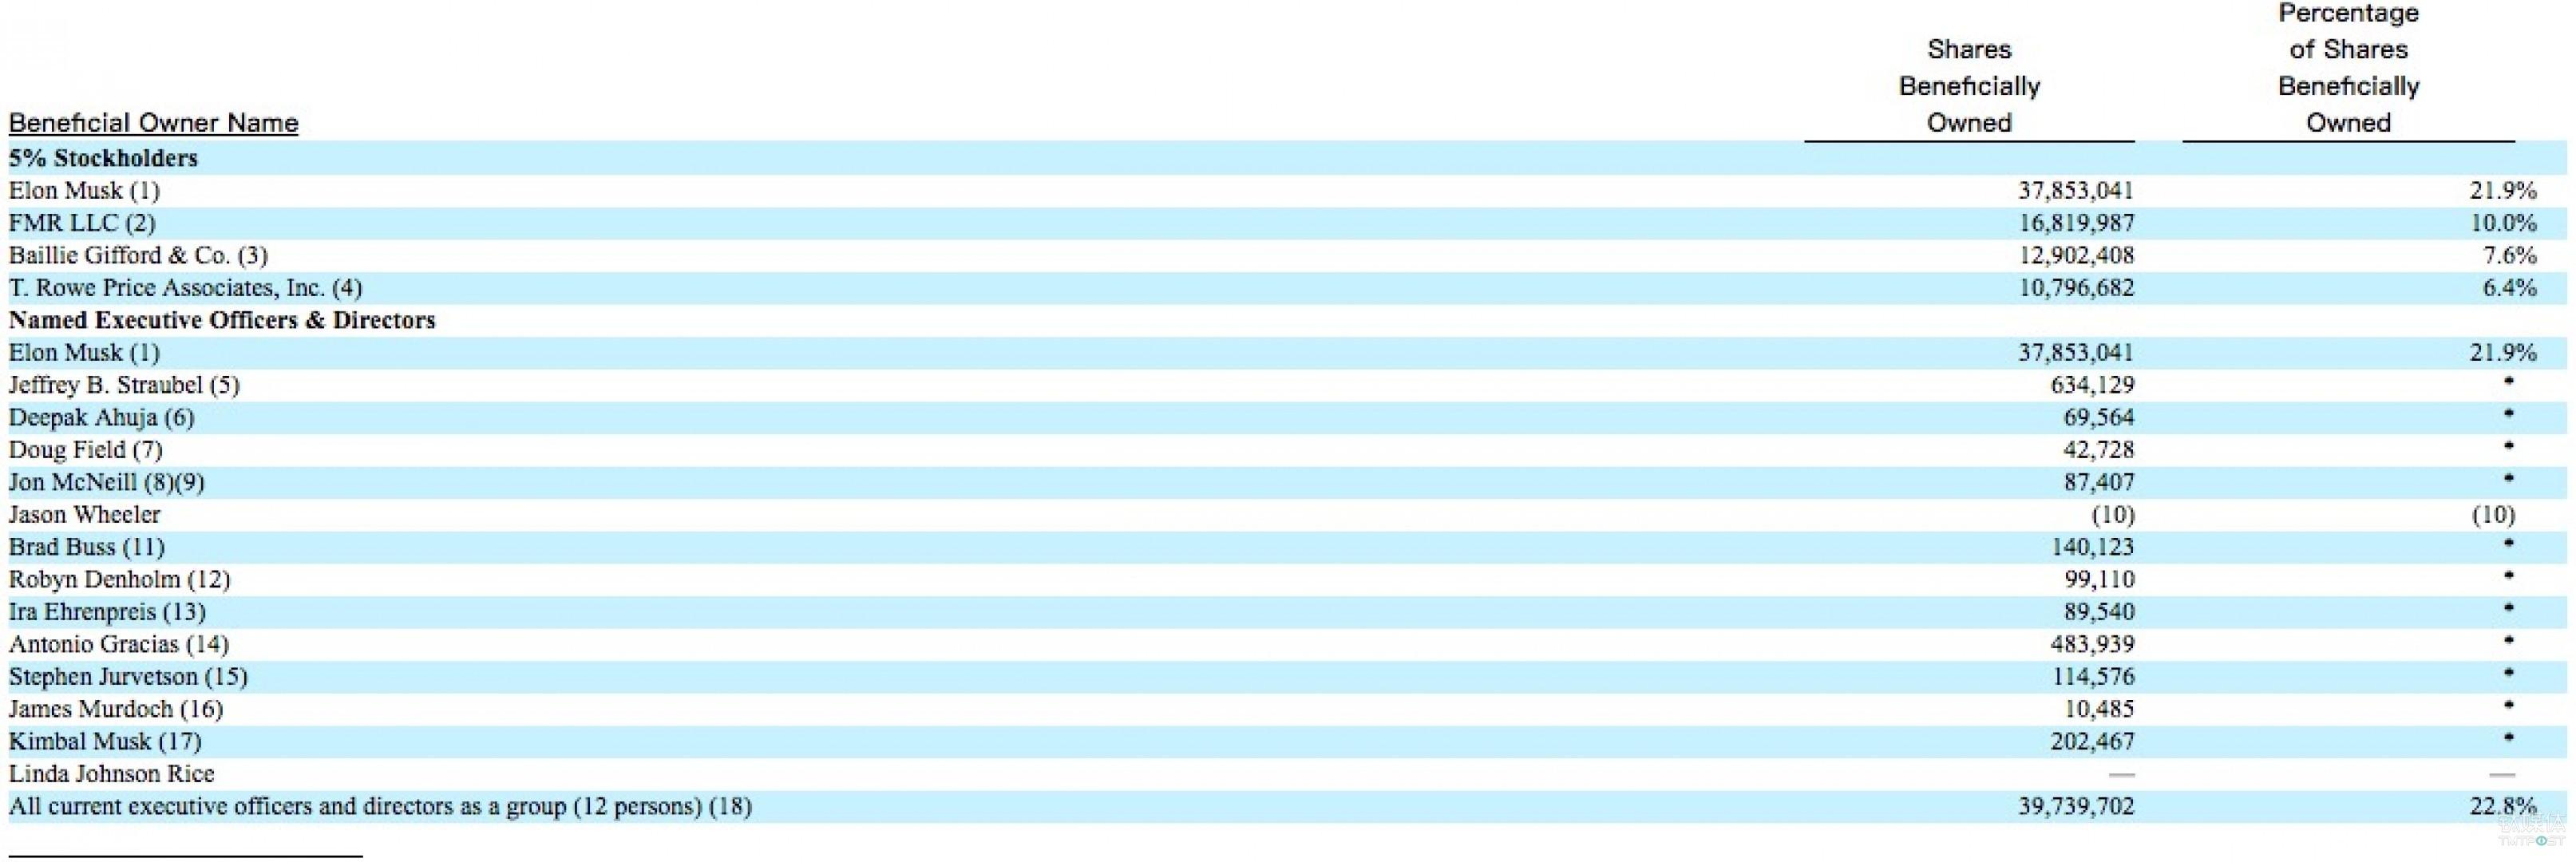 特斯拉持股超过5%的股东信息